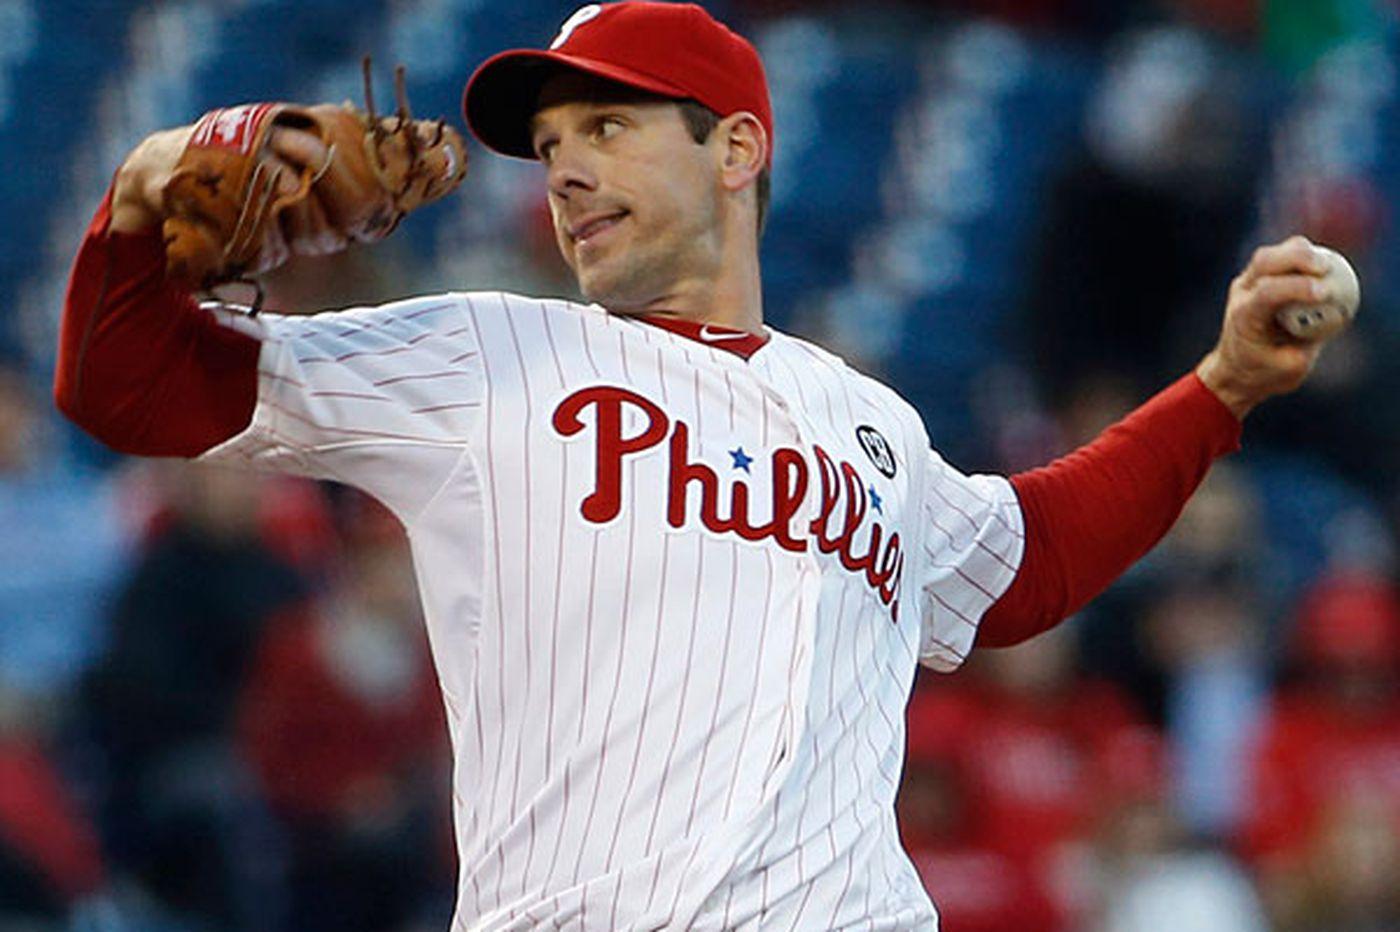 Rain allows Phillies to shuffle rotation